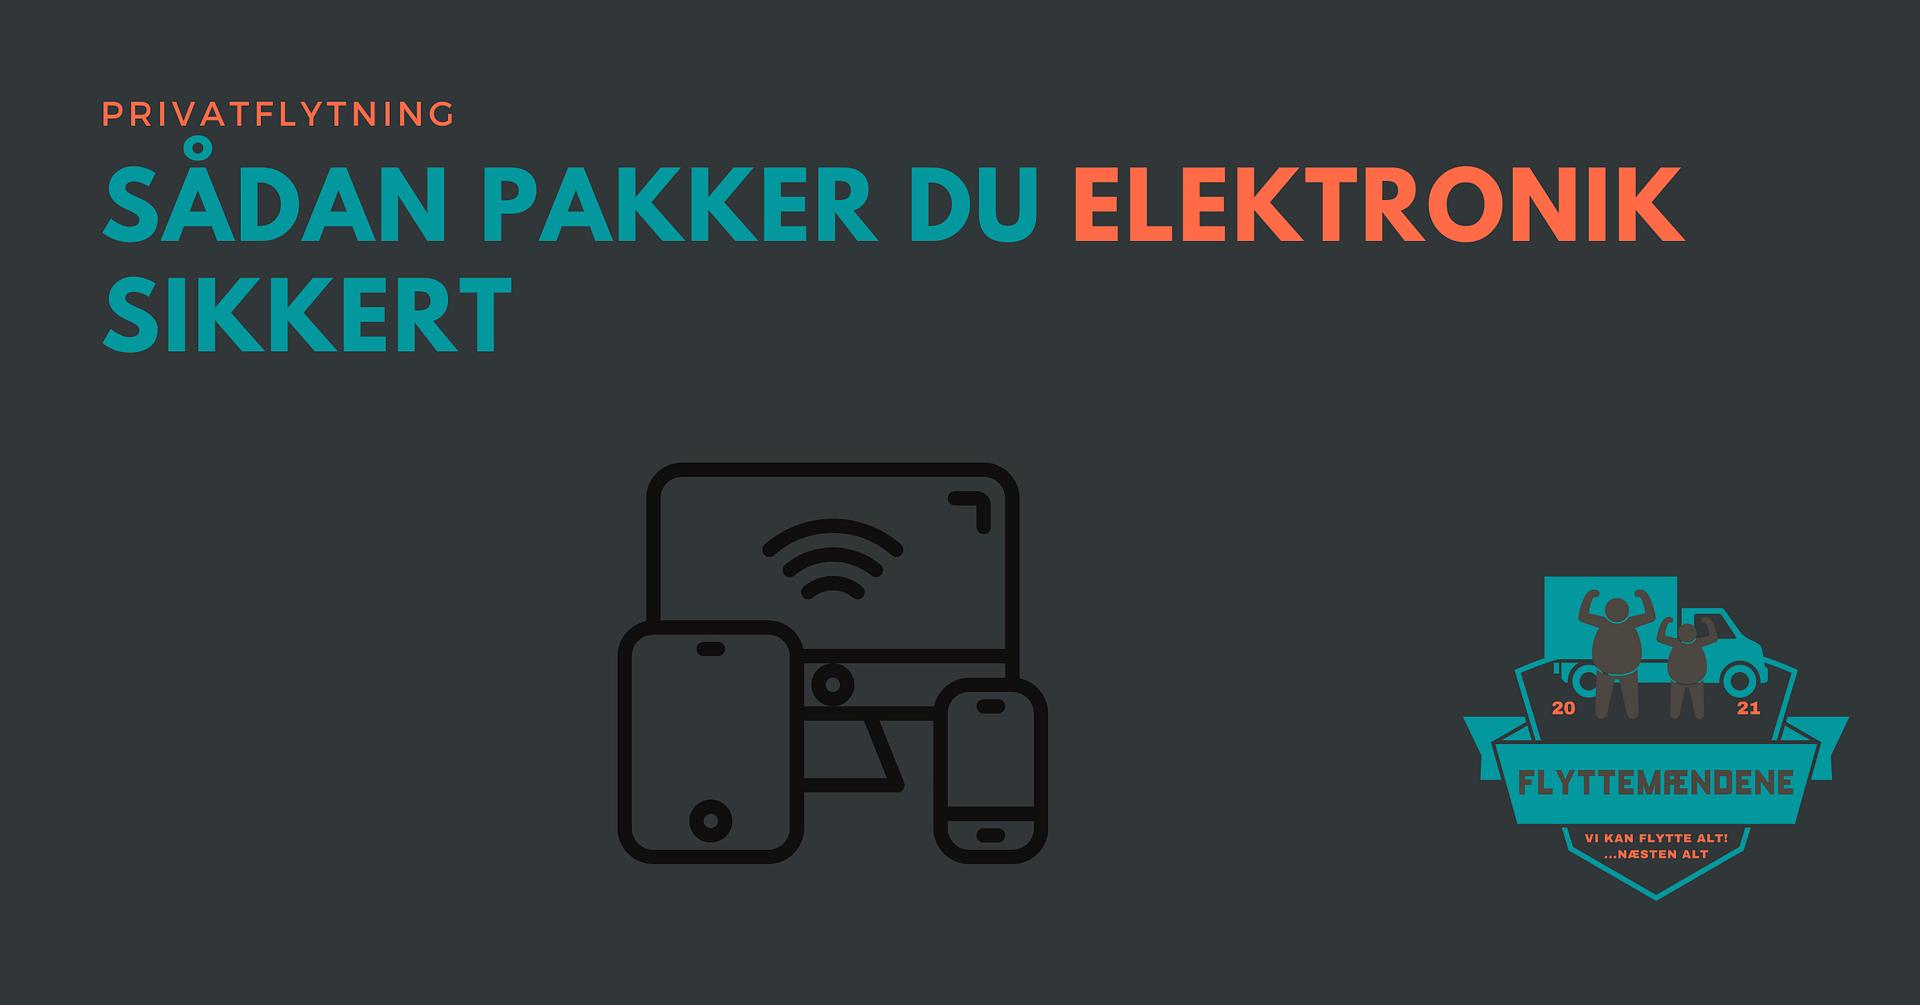 sådan pakker du elektronik sikkert